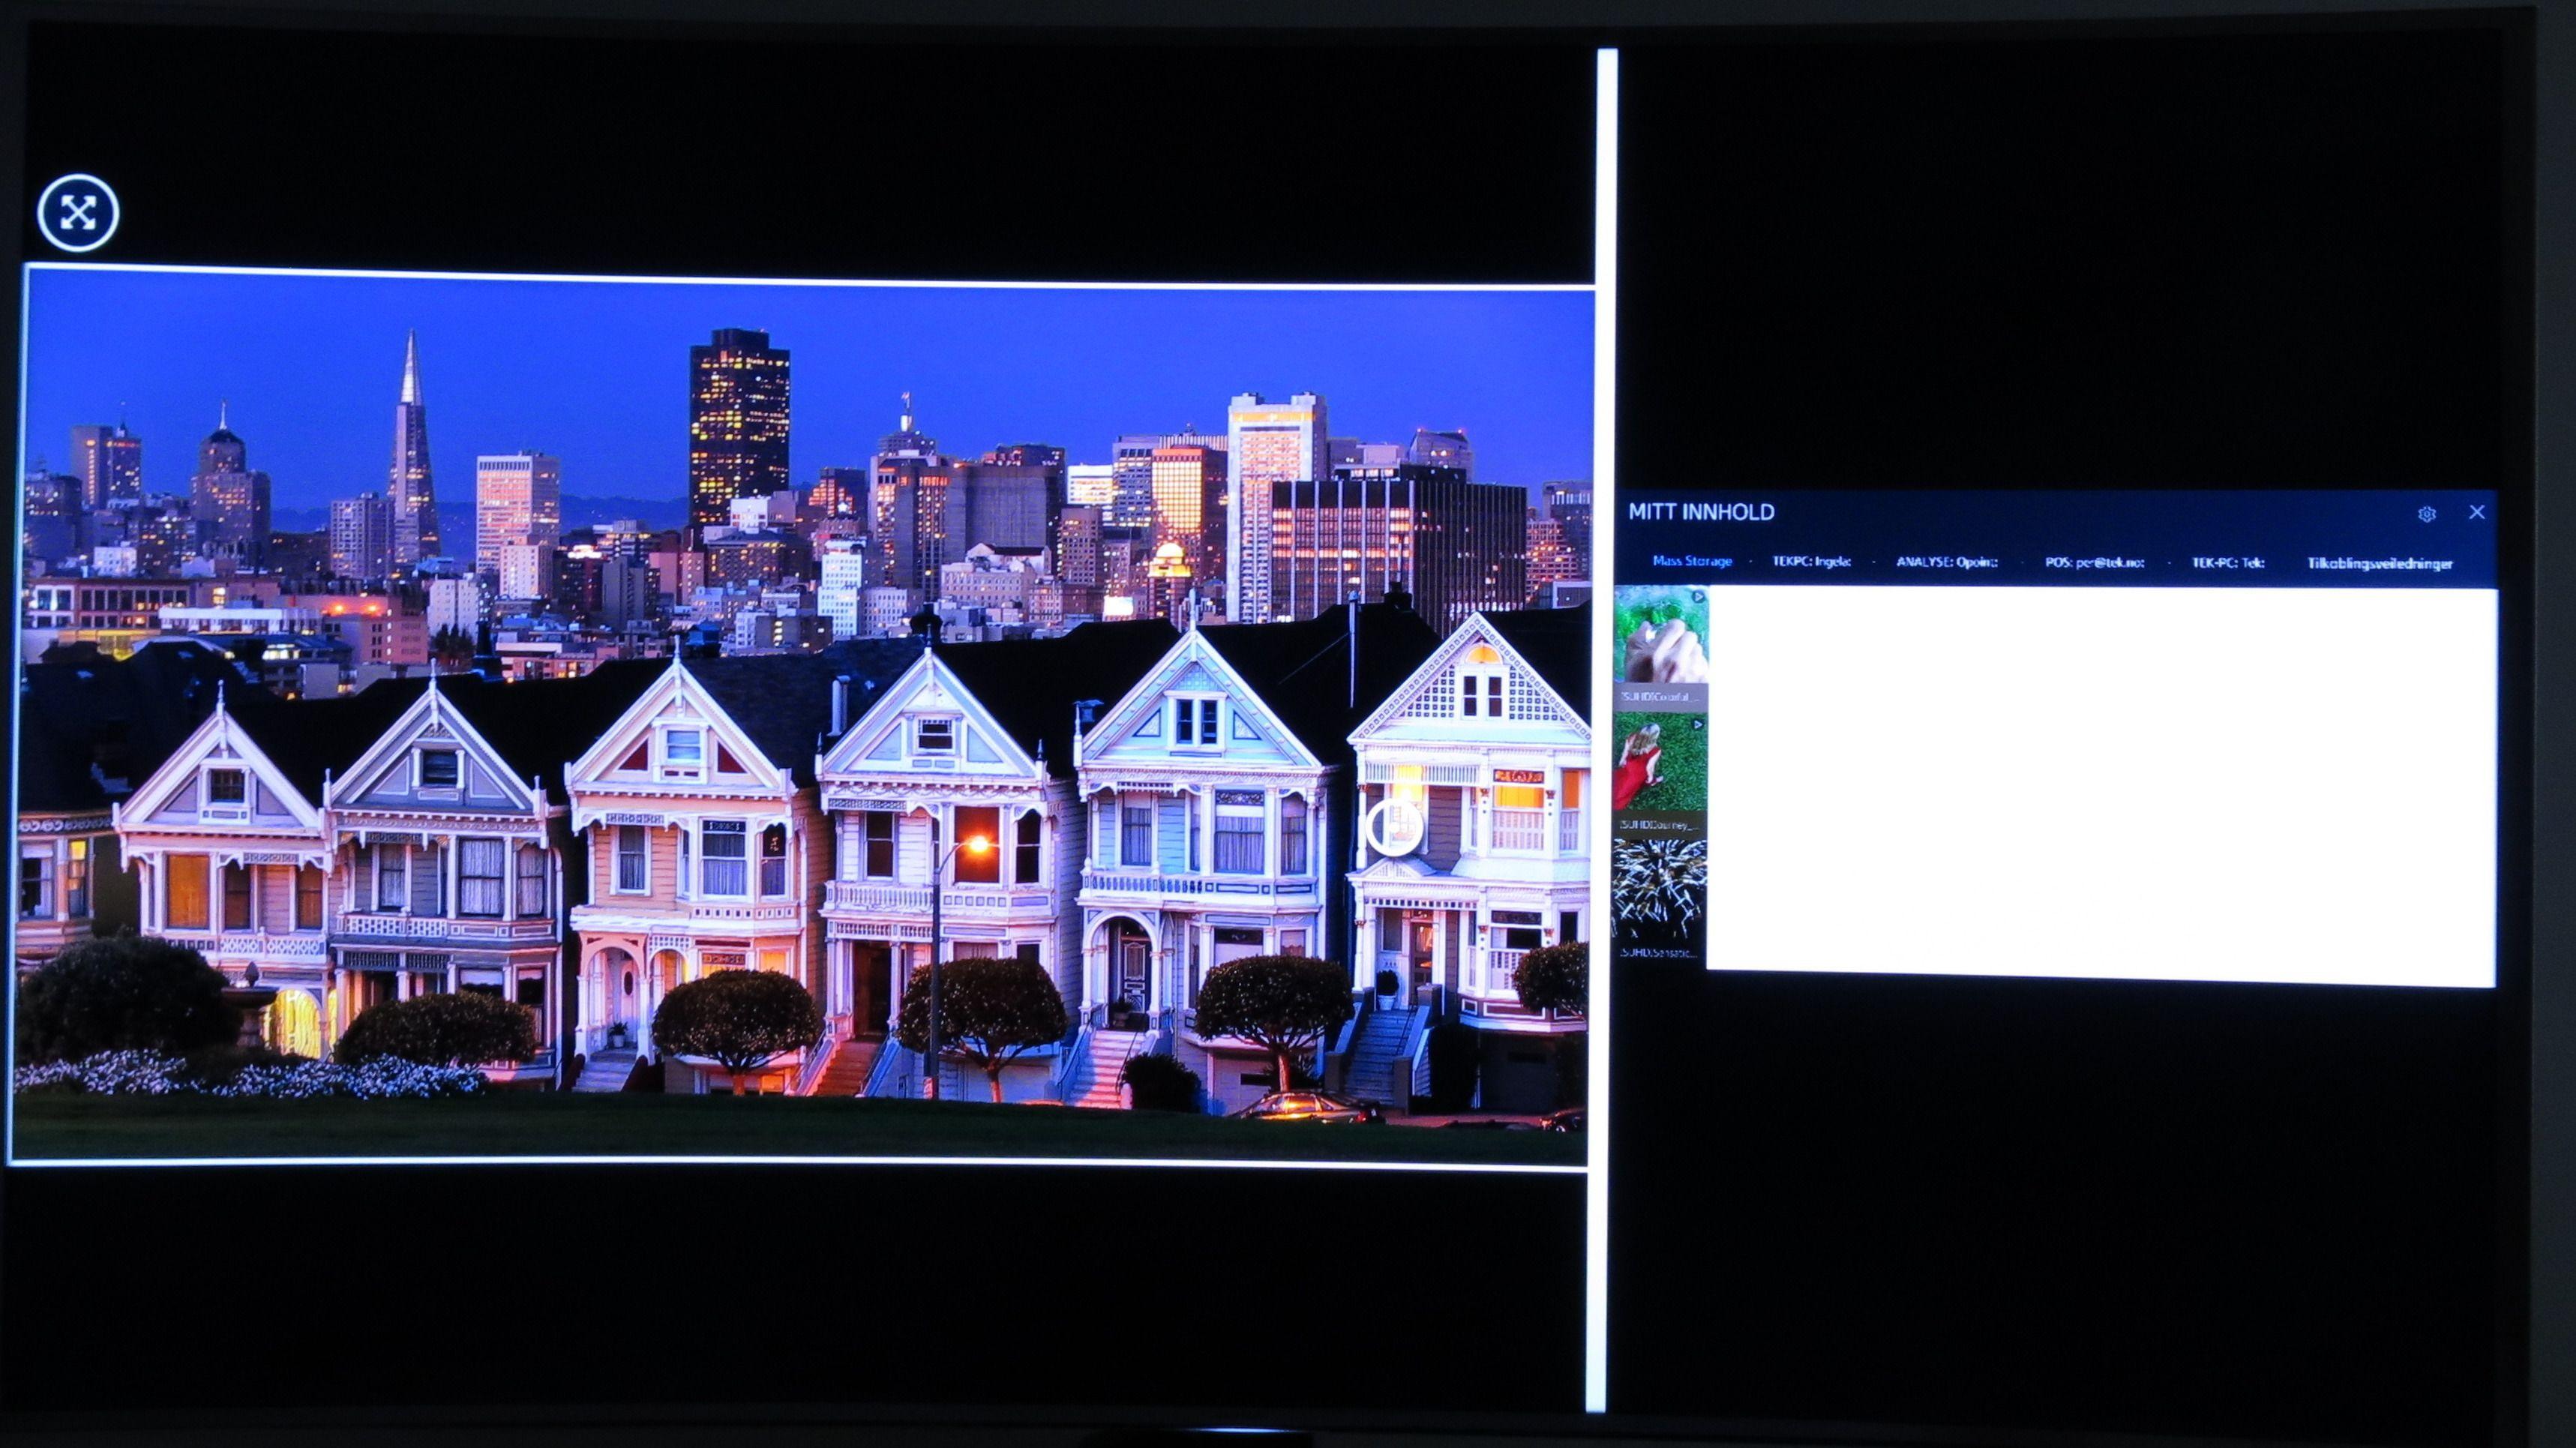 Nå kan du selv bestemme størrelsene på vinduene på delt skjerm. Foto: Ole Henrik Johansen / Tek.no